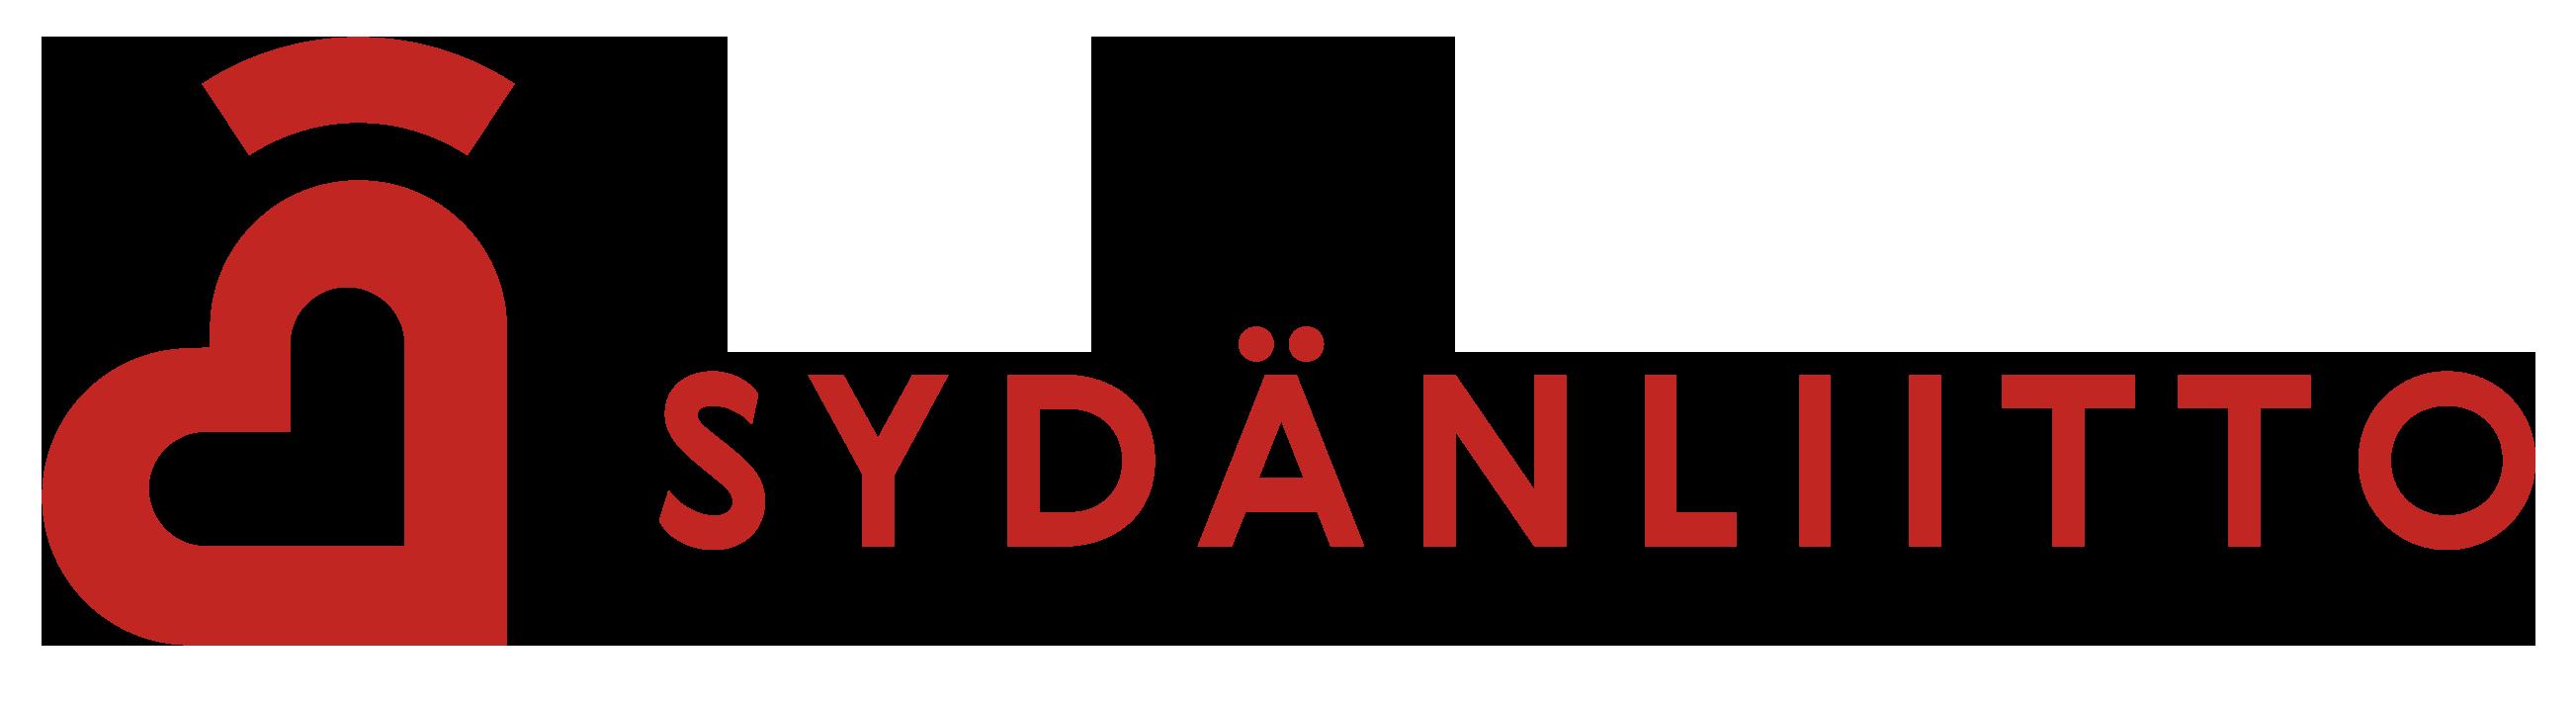 Sydänliitto logo